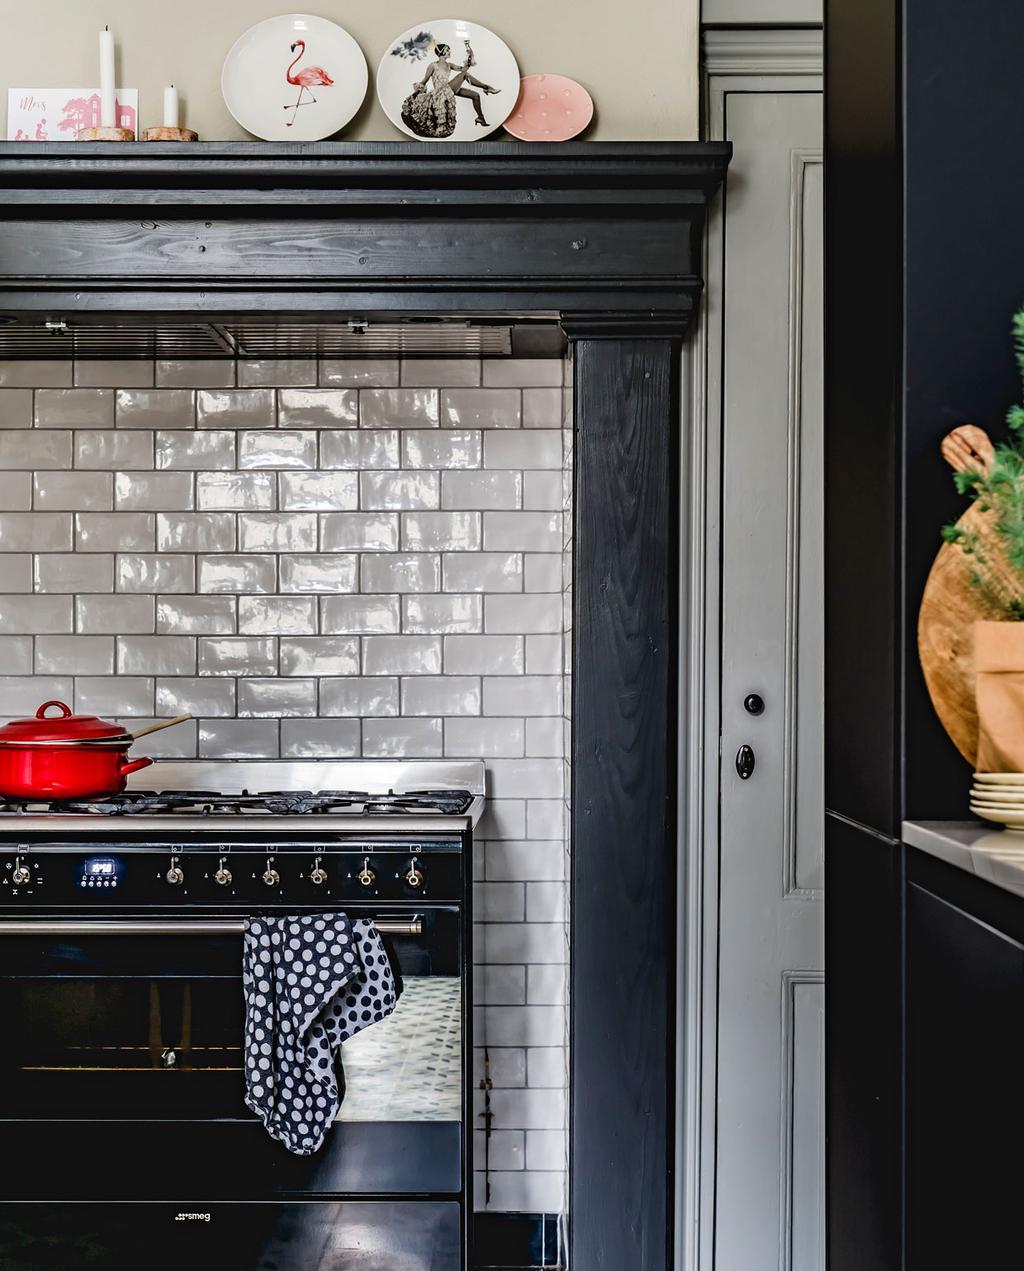 vtwonen 12-2019 | Helenaveen binnenkijken oude pastorie keuken schouw